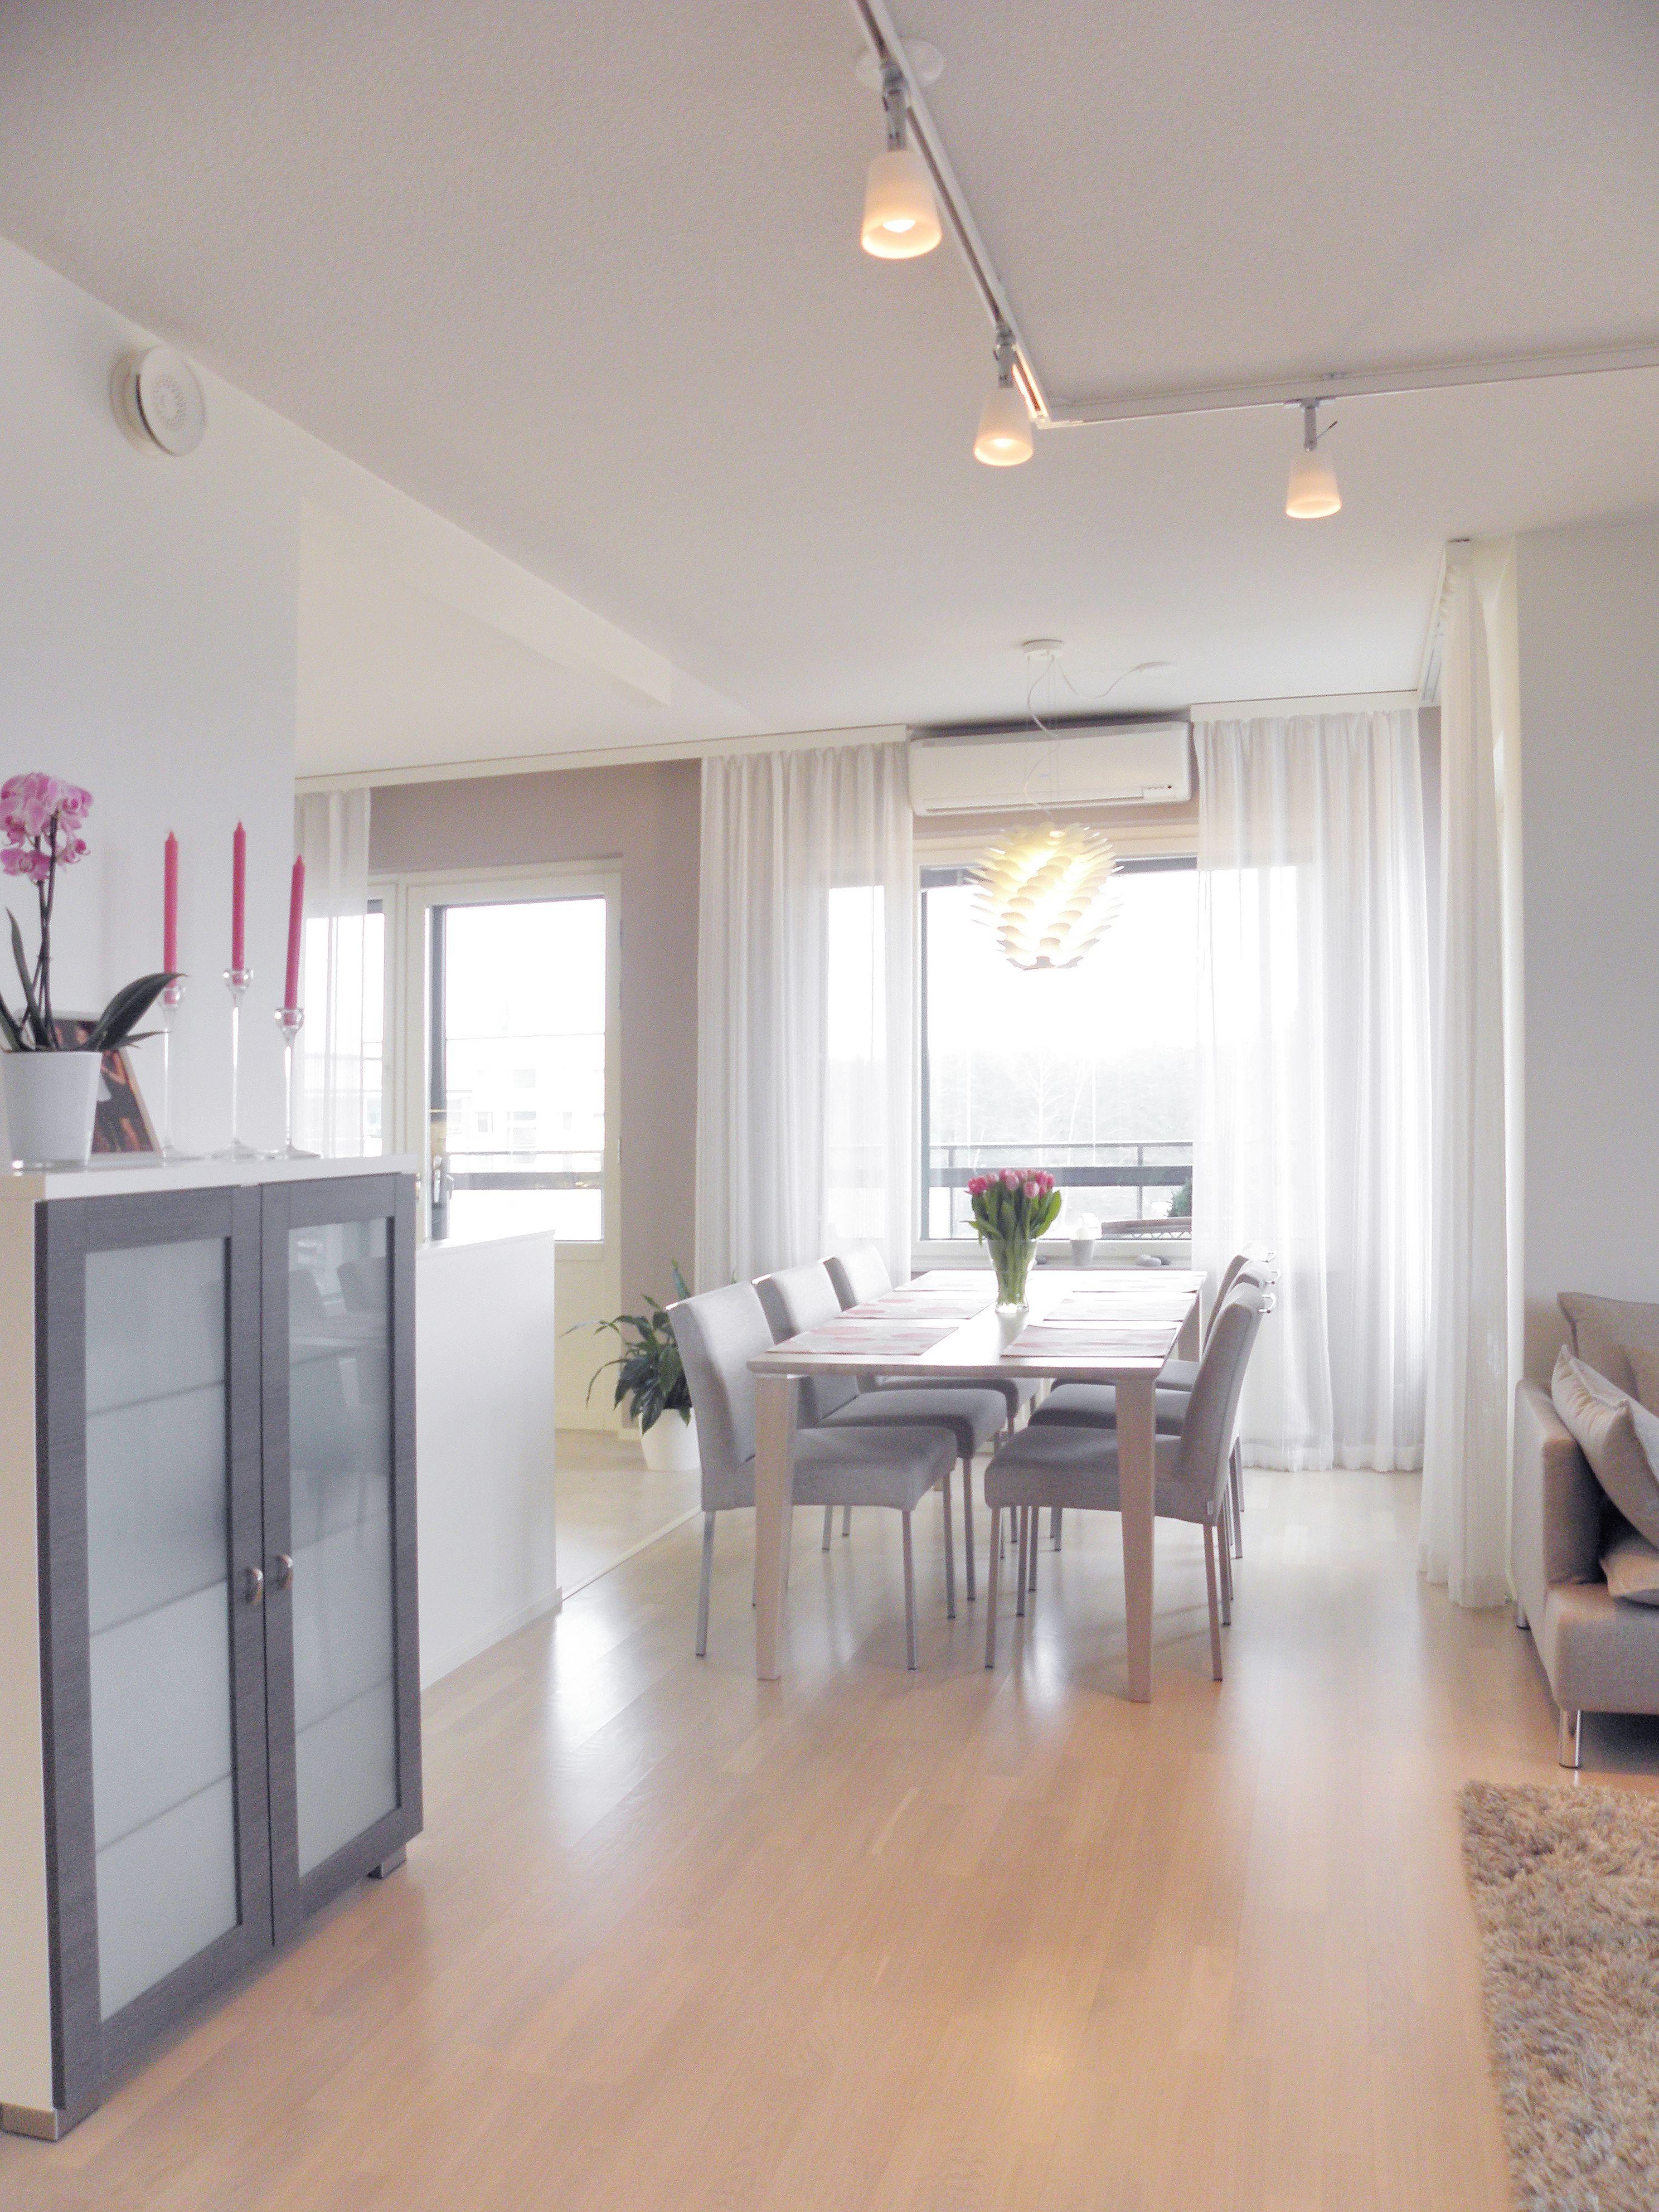 Apartment Dining Interior Designasunto Ruokailu Magnificent Apartment Dining Room Review